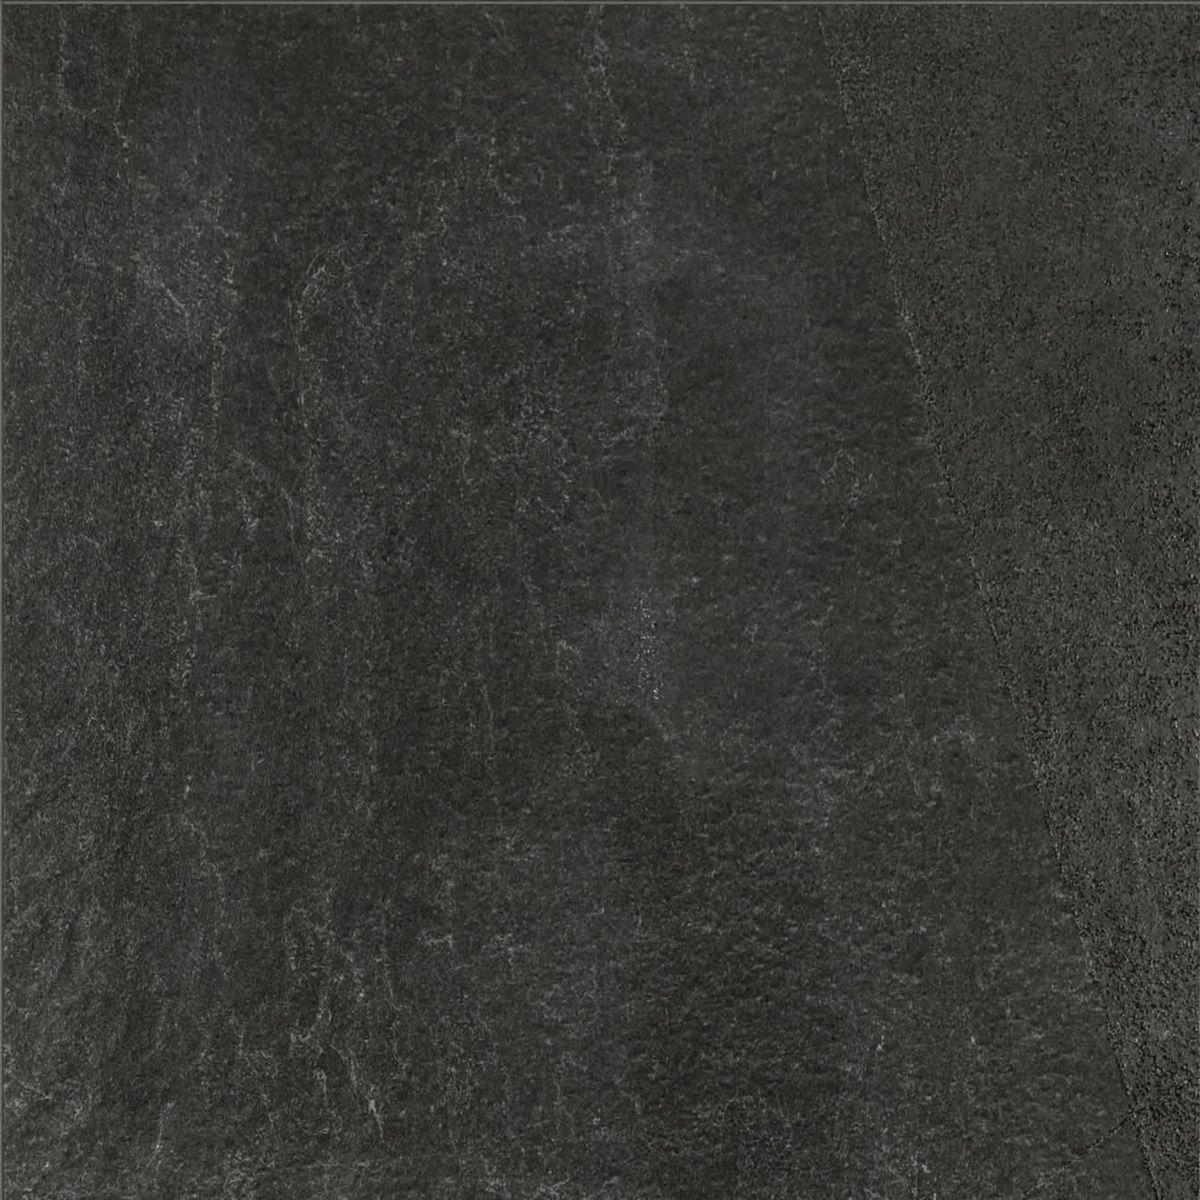 Carrelage sol intérieur grès cérame X-Rock - noir mat rectifié - 60x60 cm